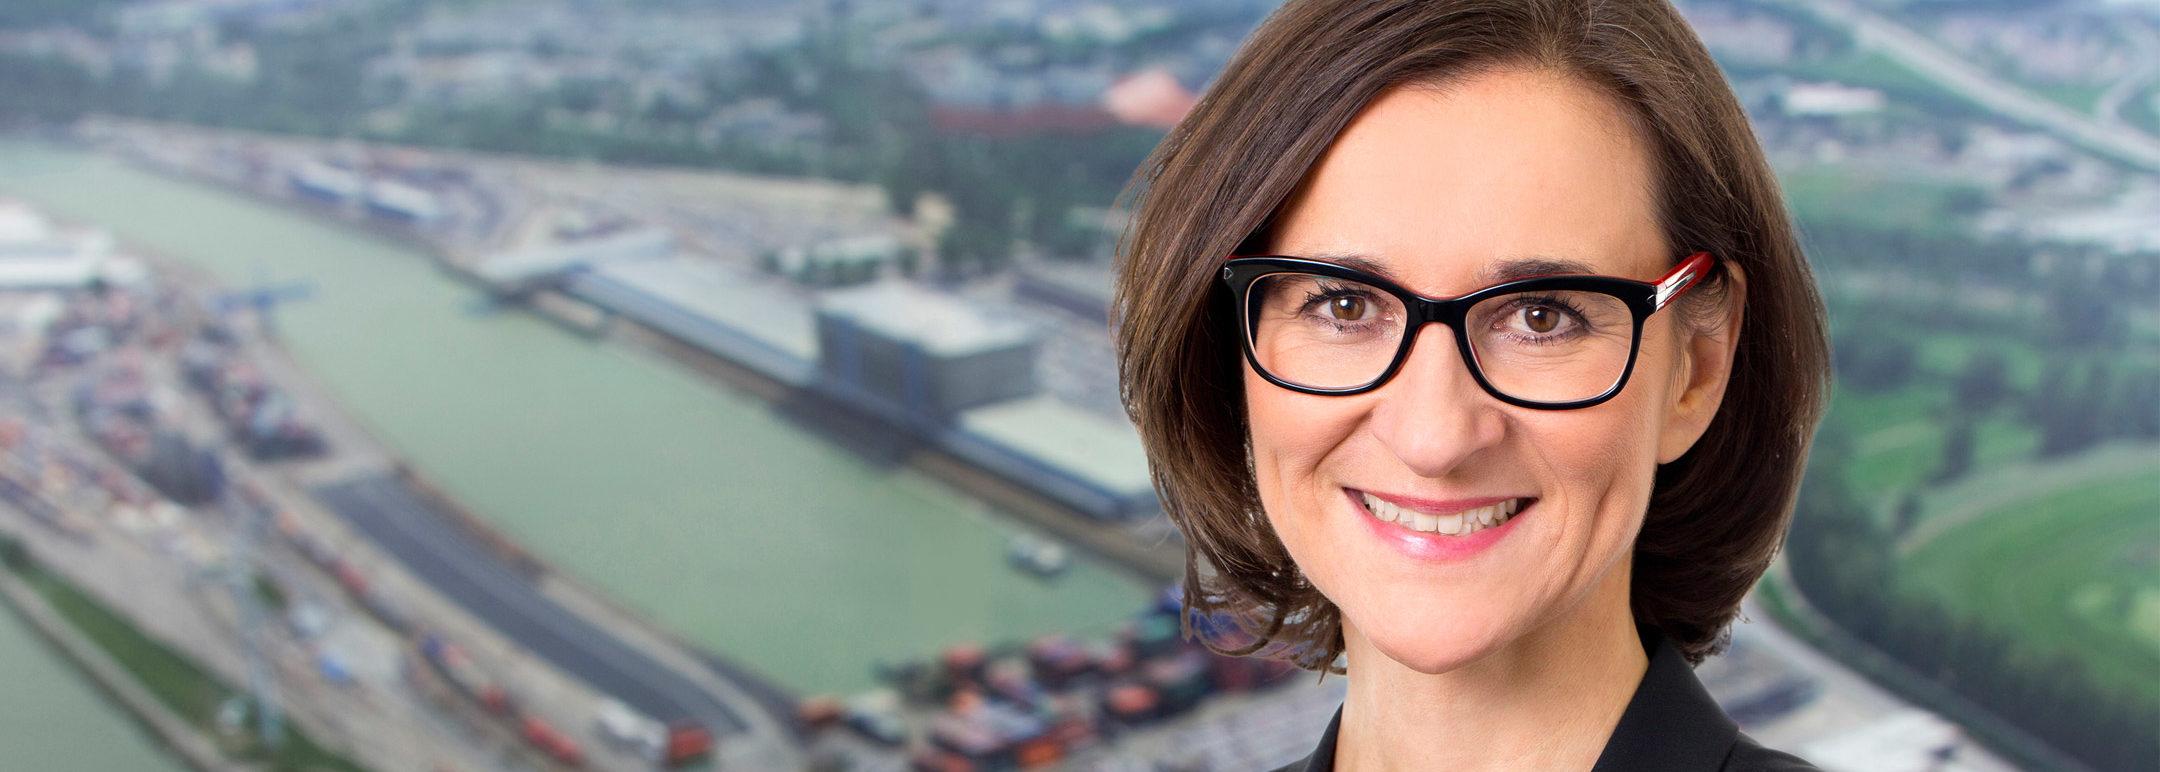 ÖGV Veranstaltungen Frau: Exkursion in den Hafen Wien